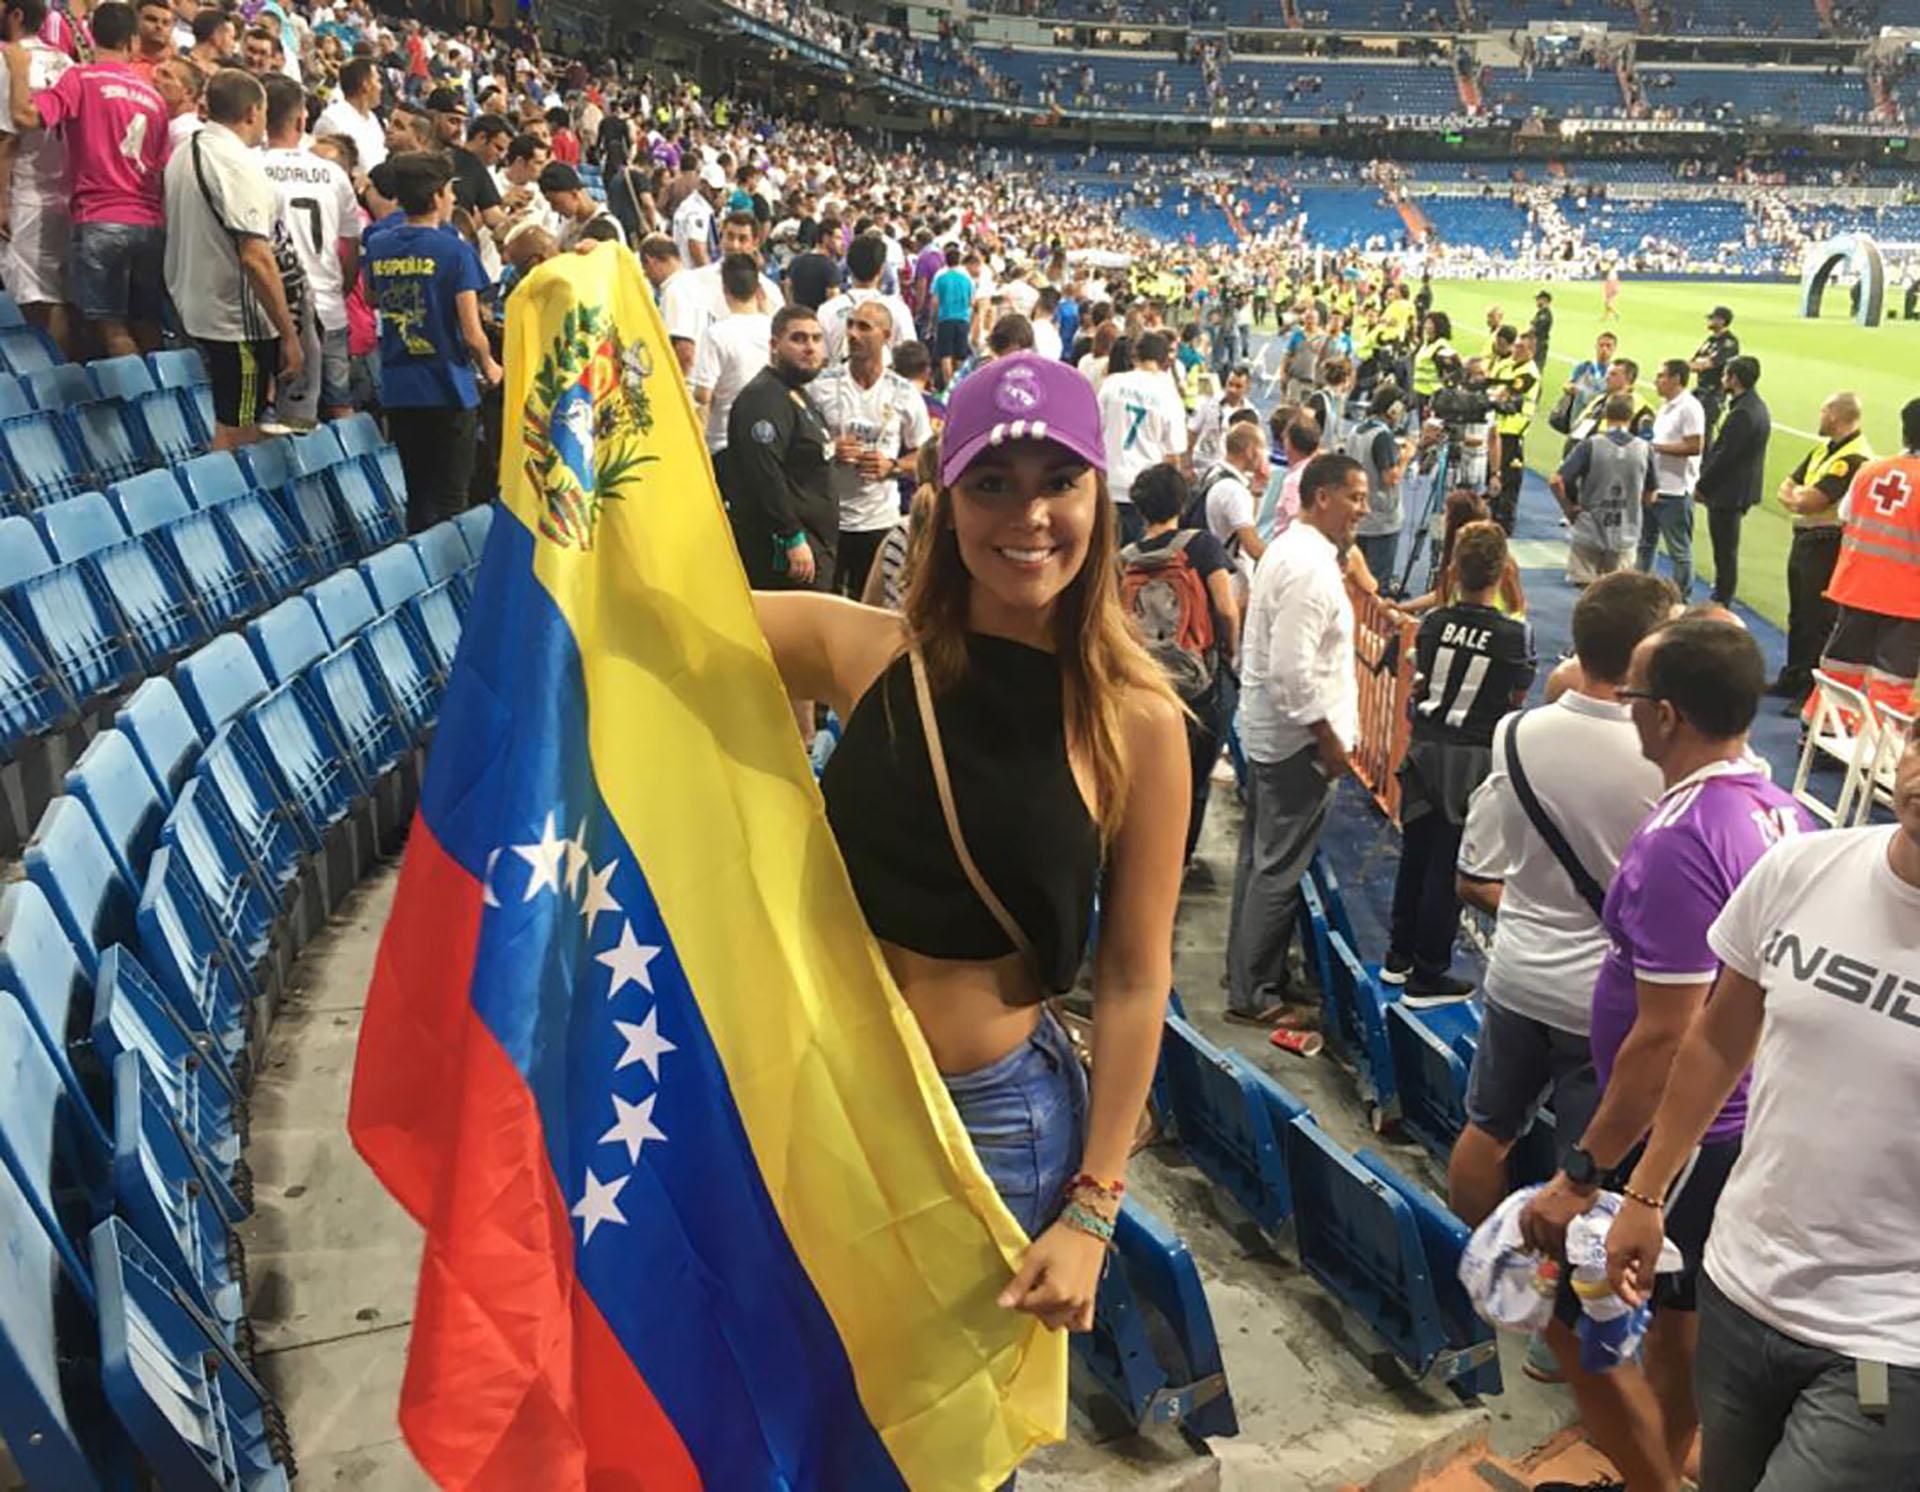 La relación de Alexandra Martínez con Cristiano surgió cuando ella fue a ver al Real Madrid (@alexandramendezof)